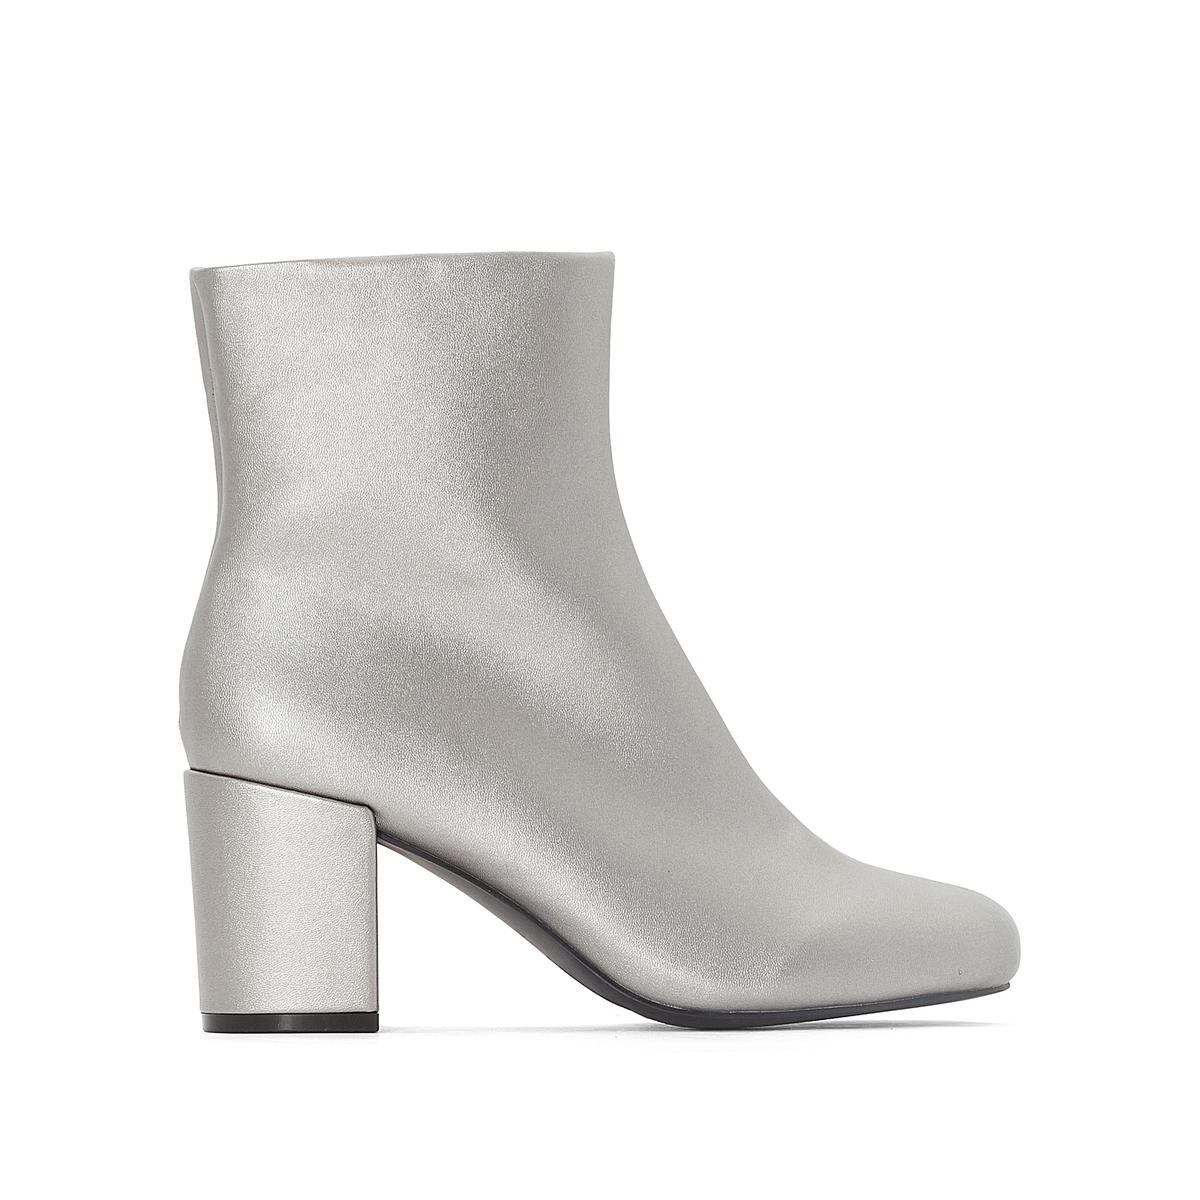 Ботильоны серебристого цвета на квадратном каблукеОписание   •  Высота голенища : 14 см для размера 37 •  Высота каблука : 7 см •  Застежка : молния • Квадратный мысок  •  Гладкая отделкаСостав и уход   •  Верх 100% синтетический материал •  Подкладка 100% кожа<br><br>Цвет: серебристый металлик<br>Размер: 38.37.40.39